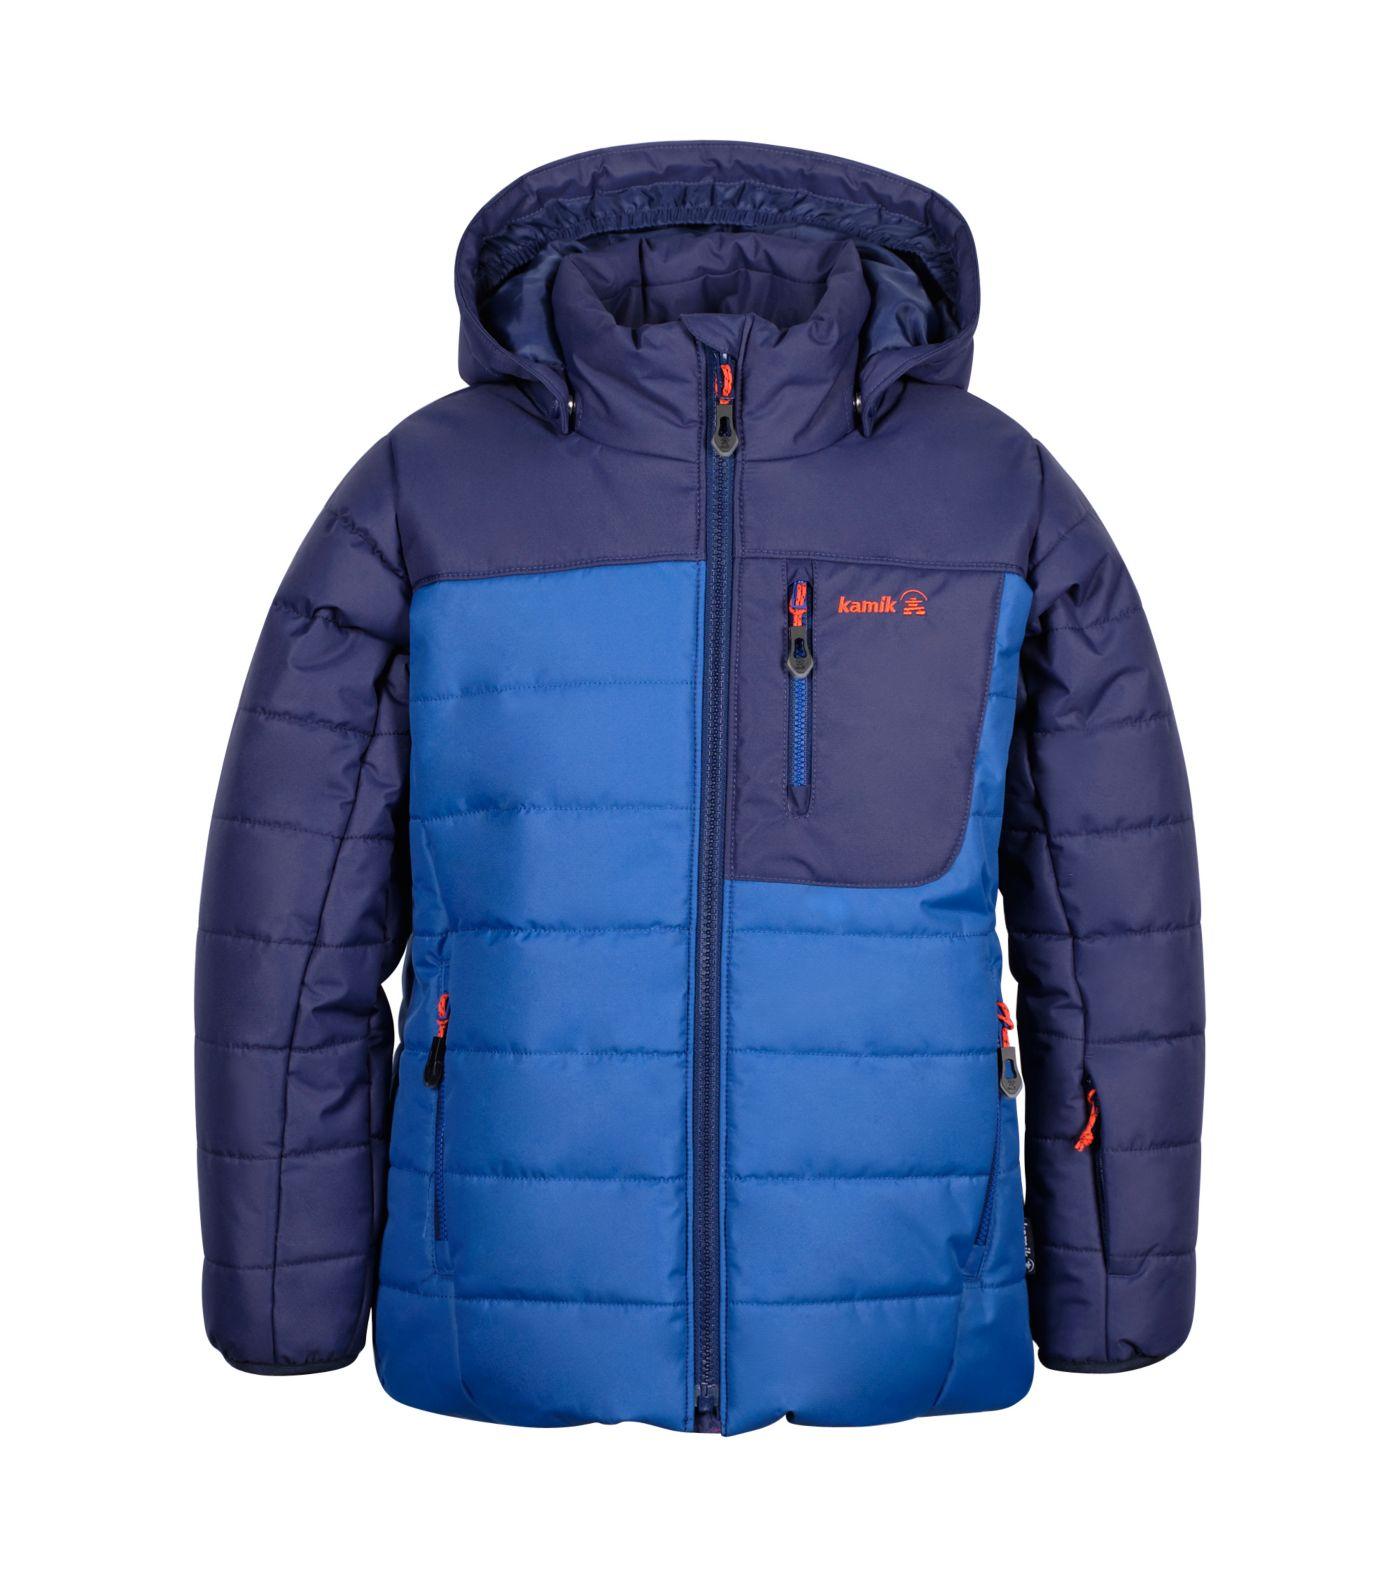 Kamik Boys' Van Winter Jacket